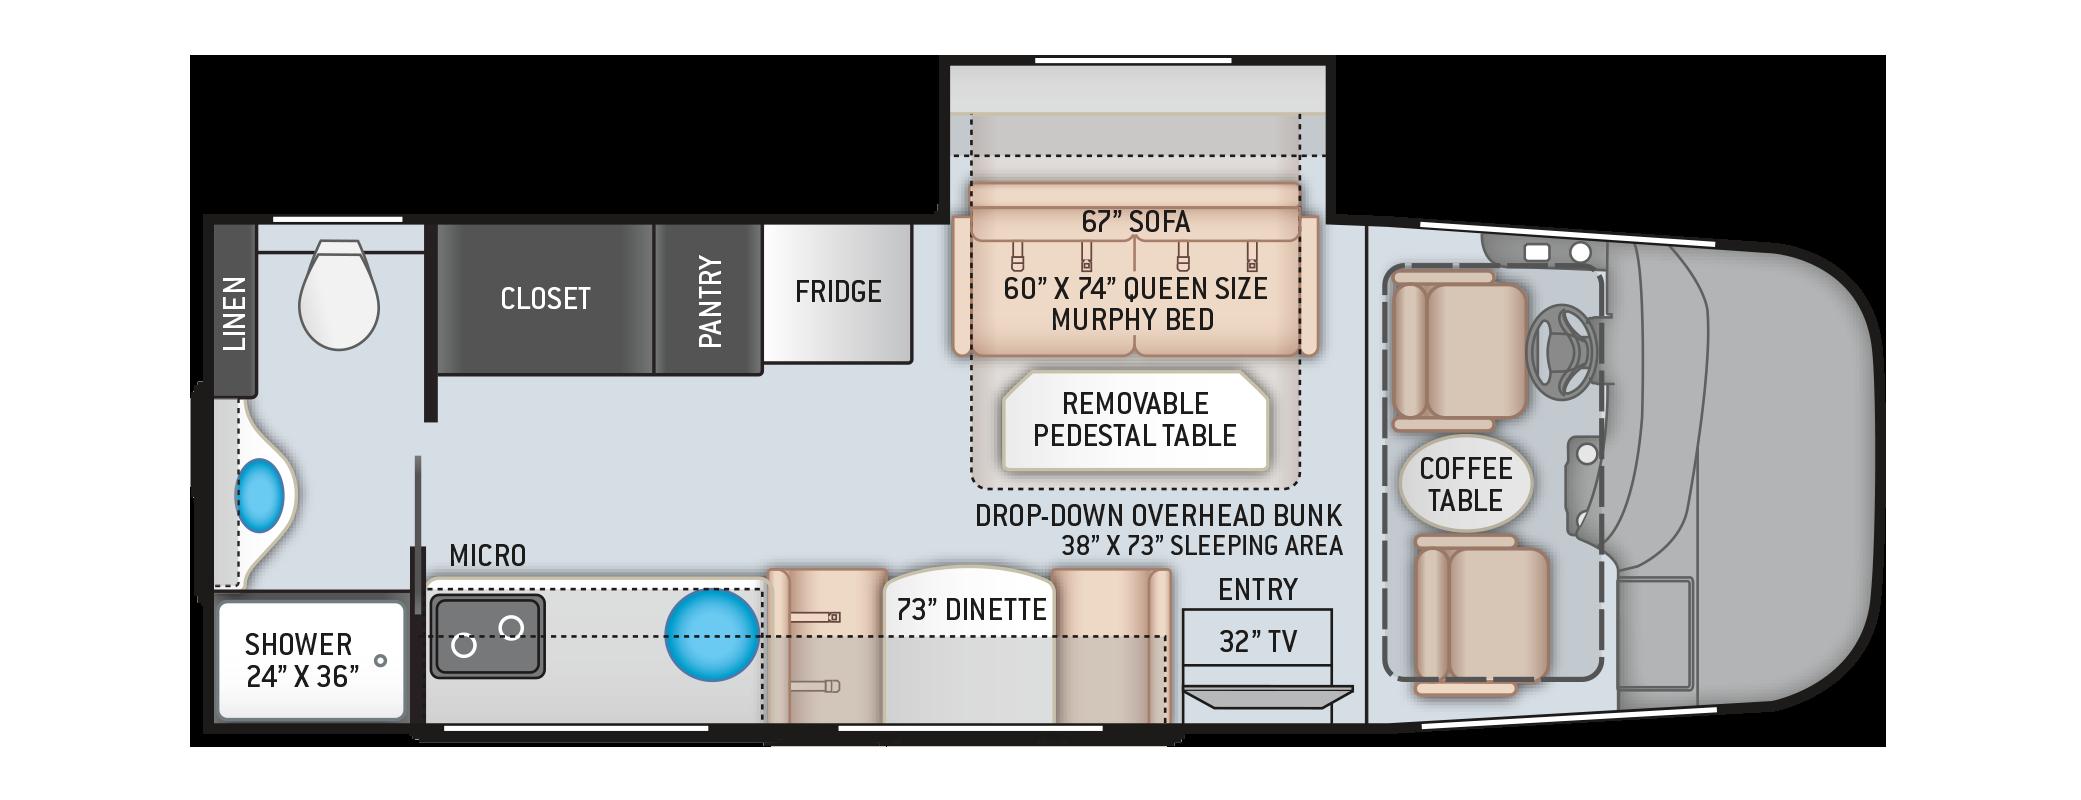 Axis RUV Class A Motorhome 24.3 Floor Plan